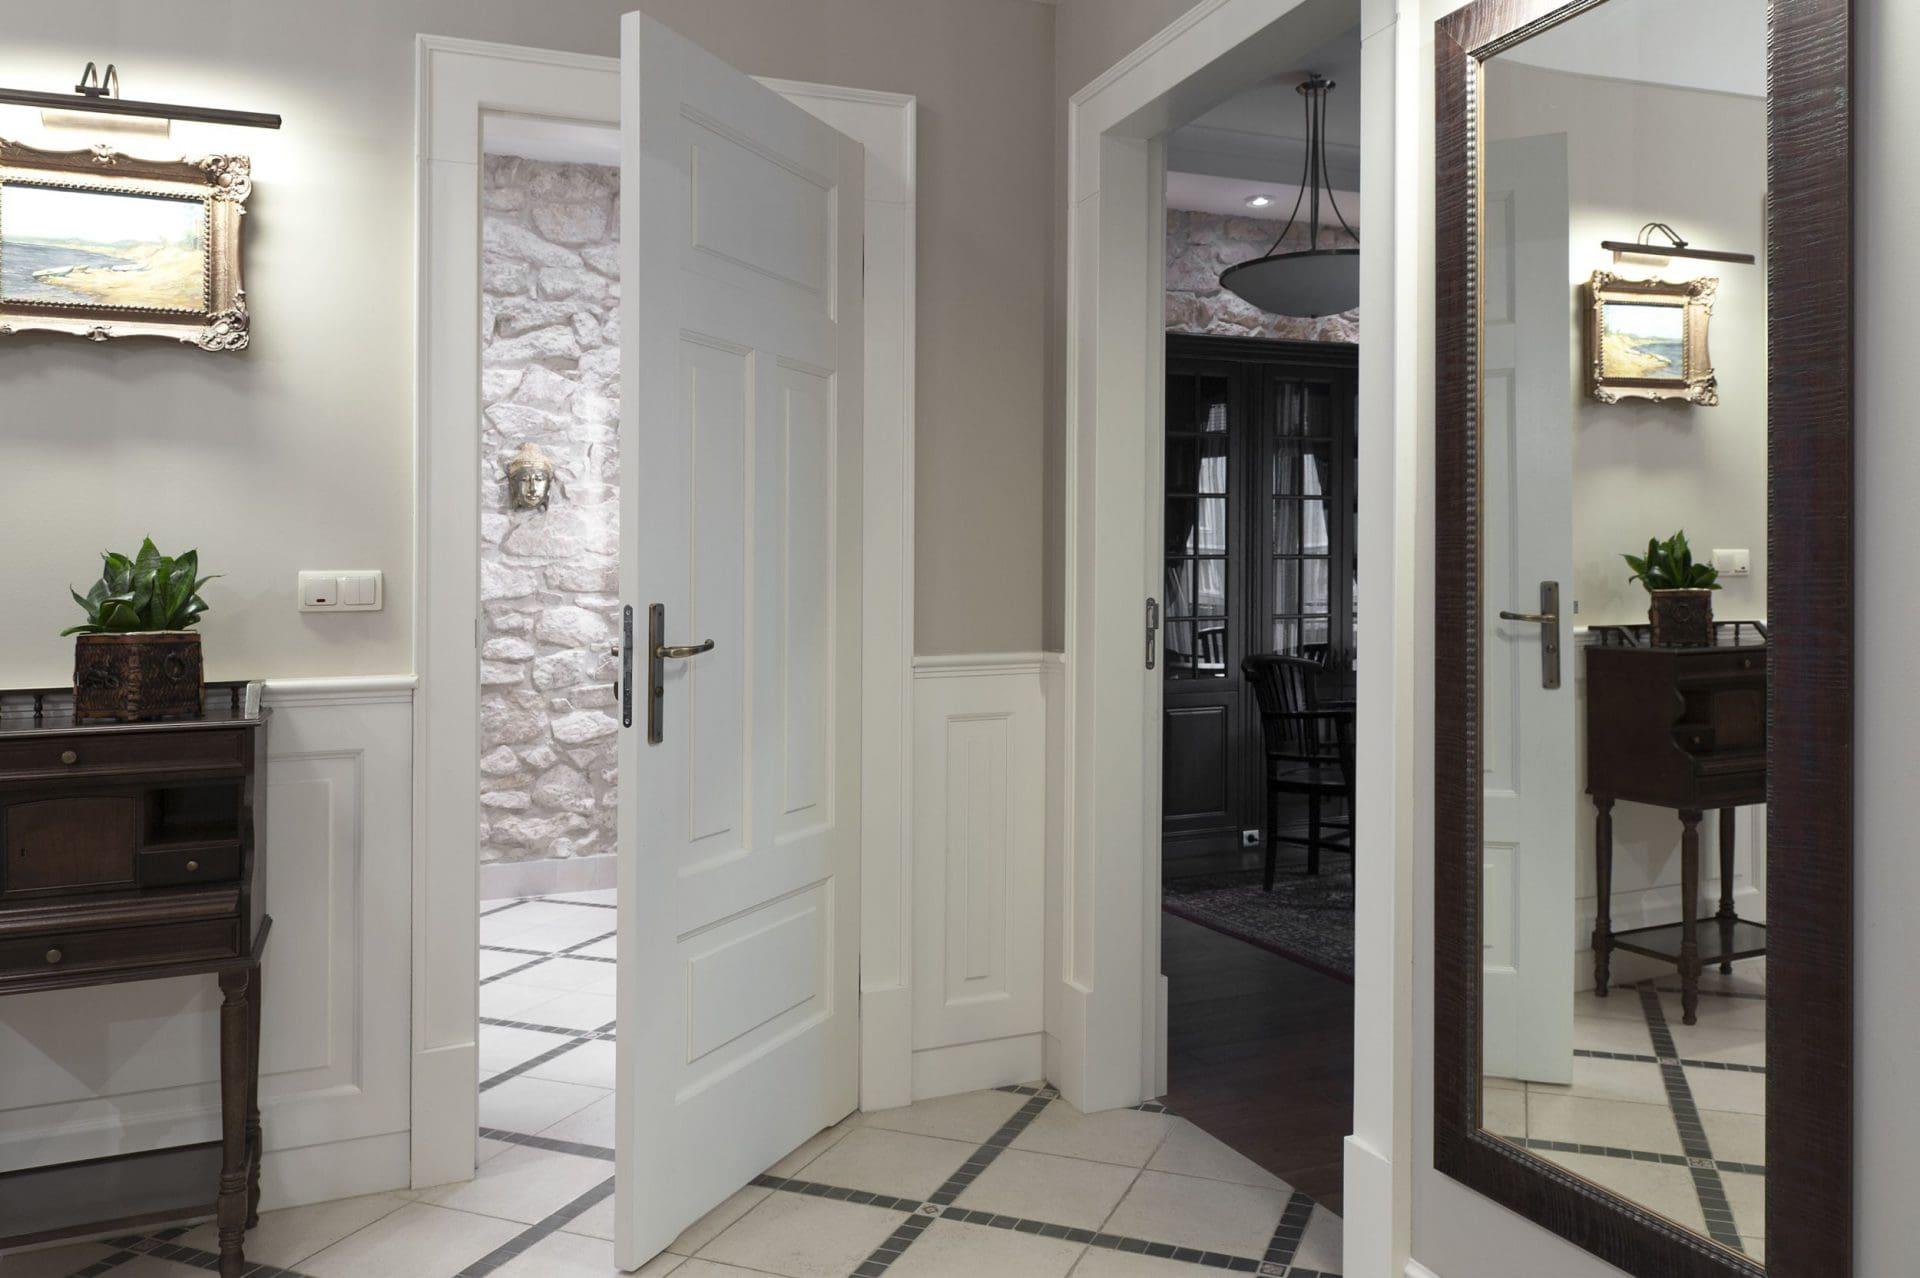 Projekty wnętrz - korytarz